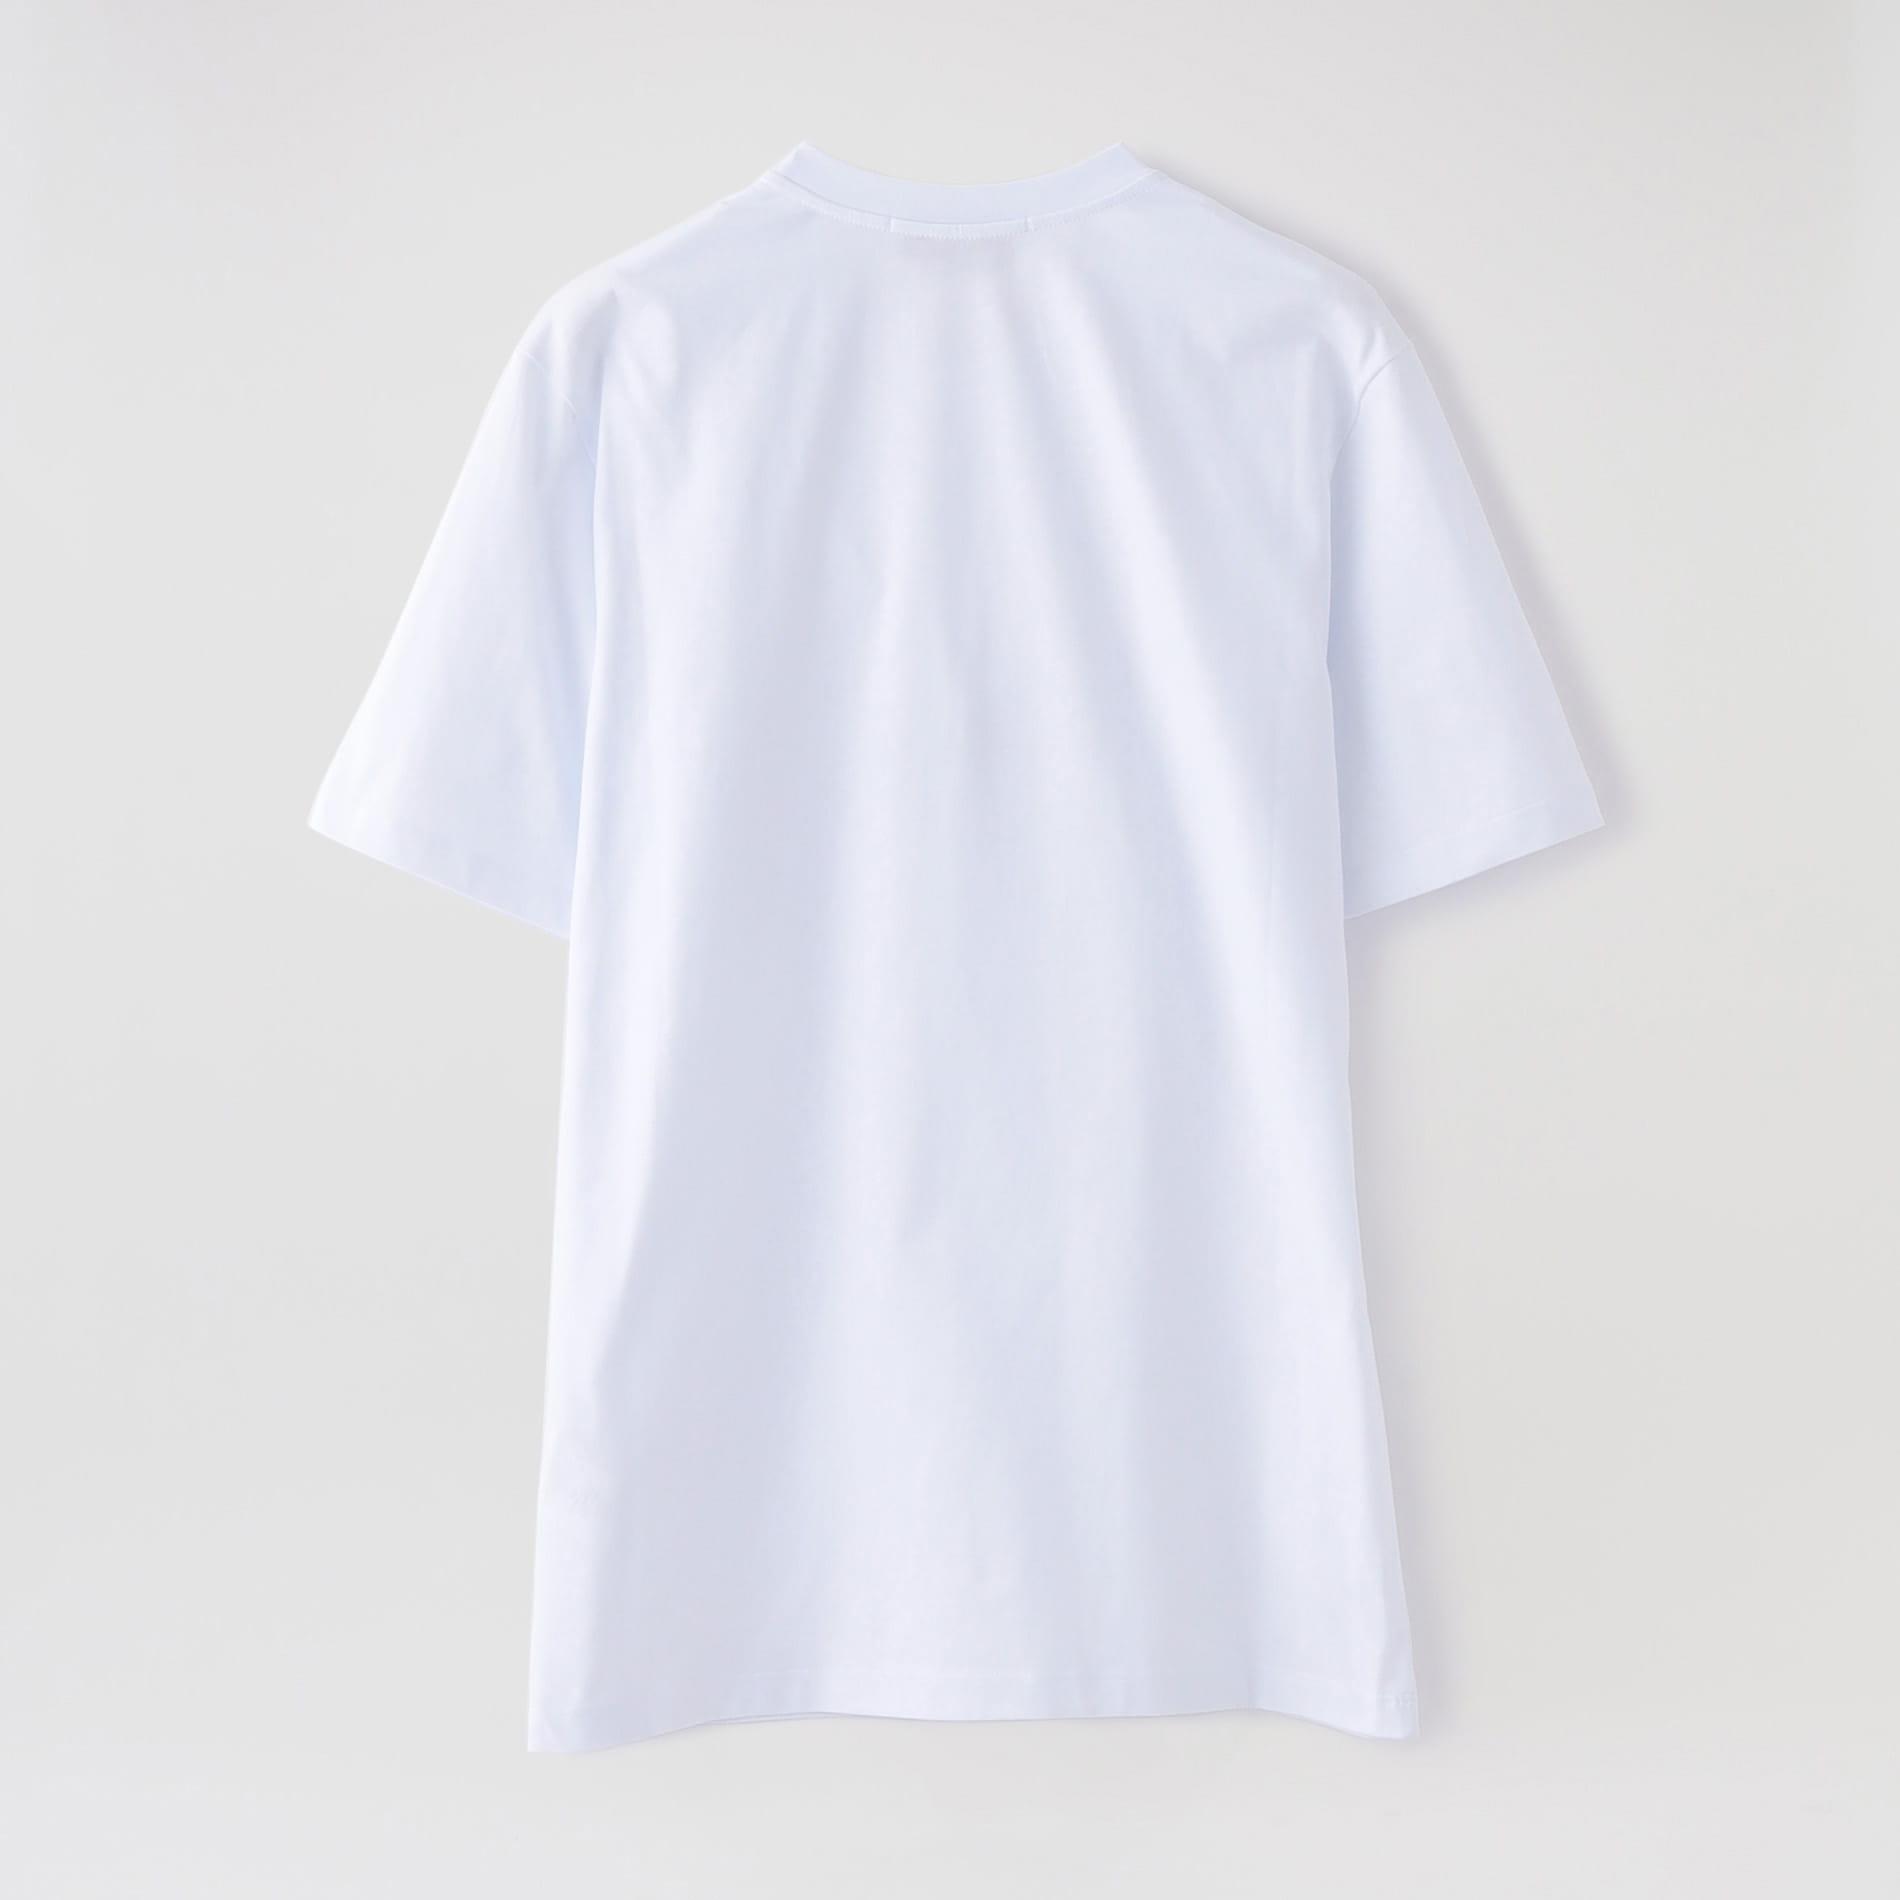 【MSGM】MEN JAPAN EXCLUSIVE T-SHIRT 3040MM238 207098